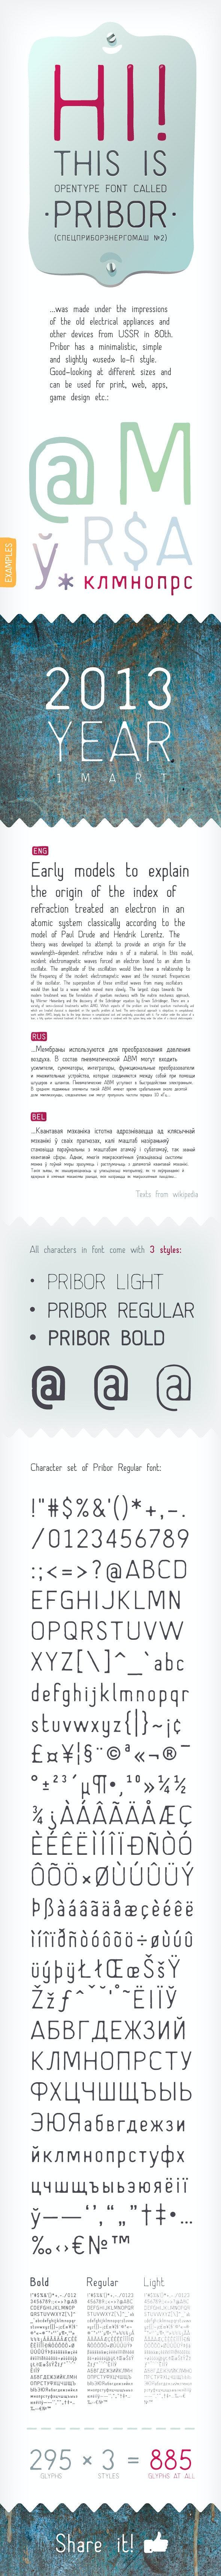 Pribor – Clean Lo-Fi Stencil Font With Cyrillic - Stencil & Type Decorative